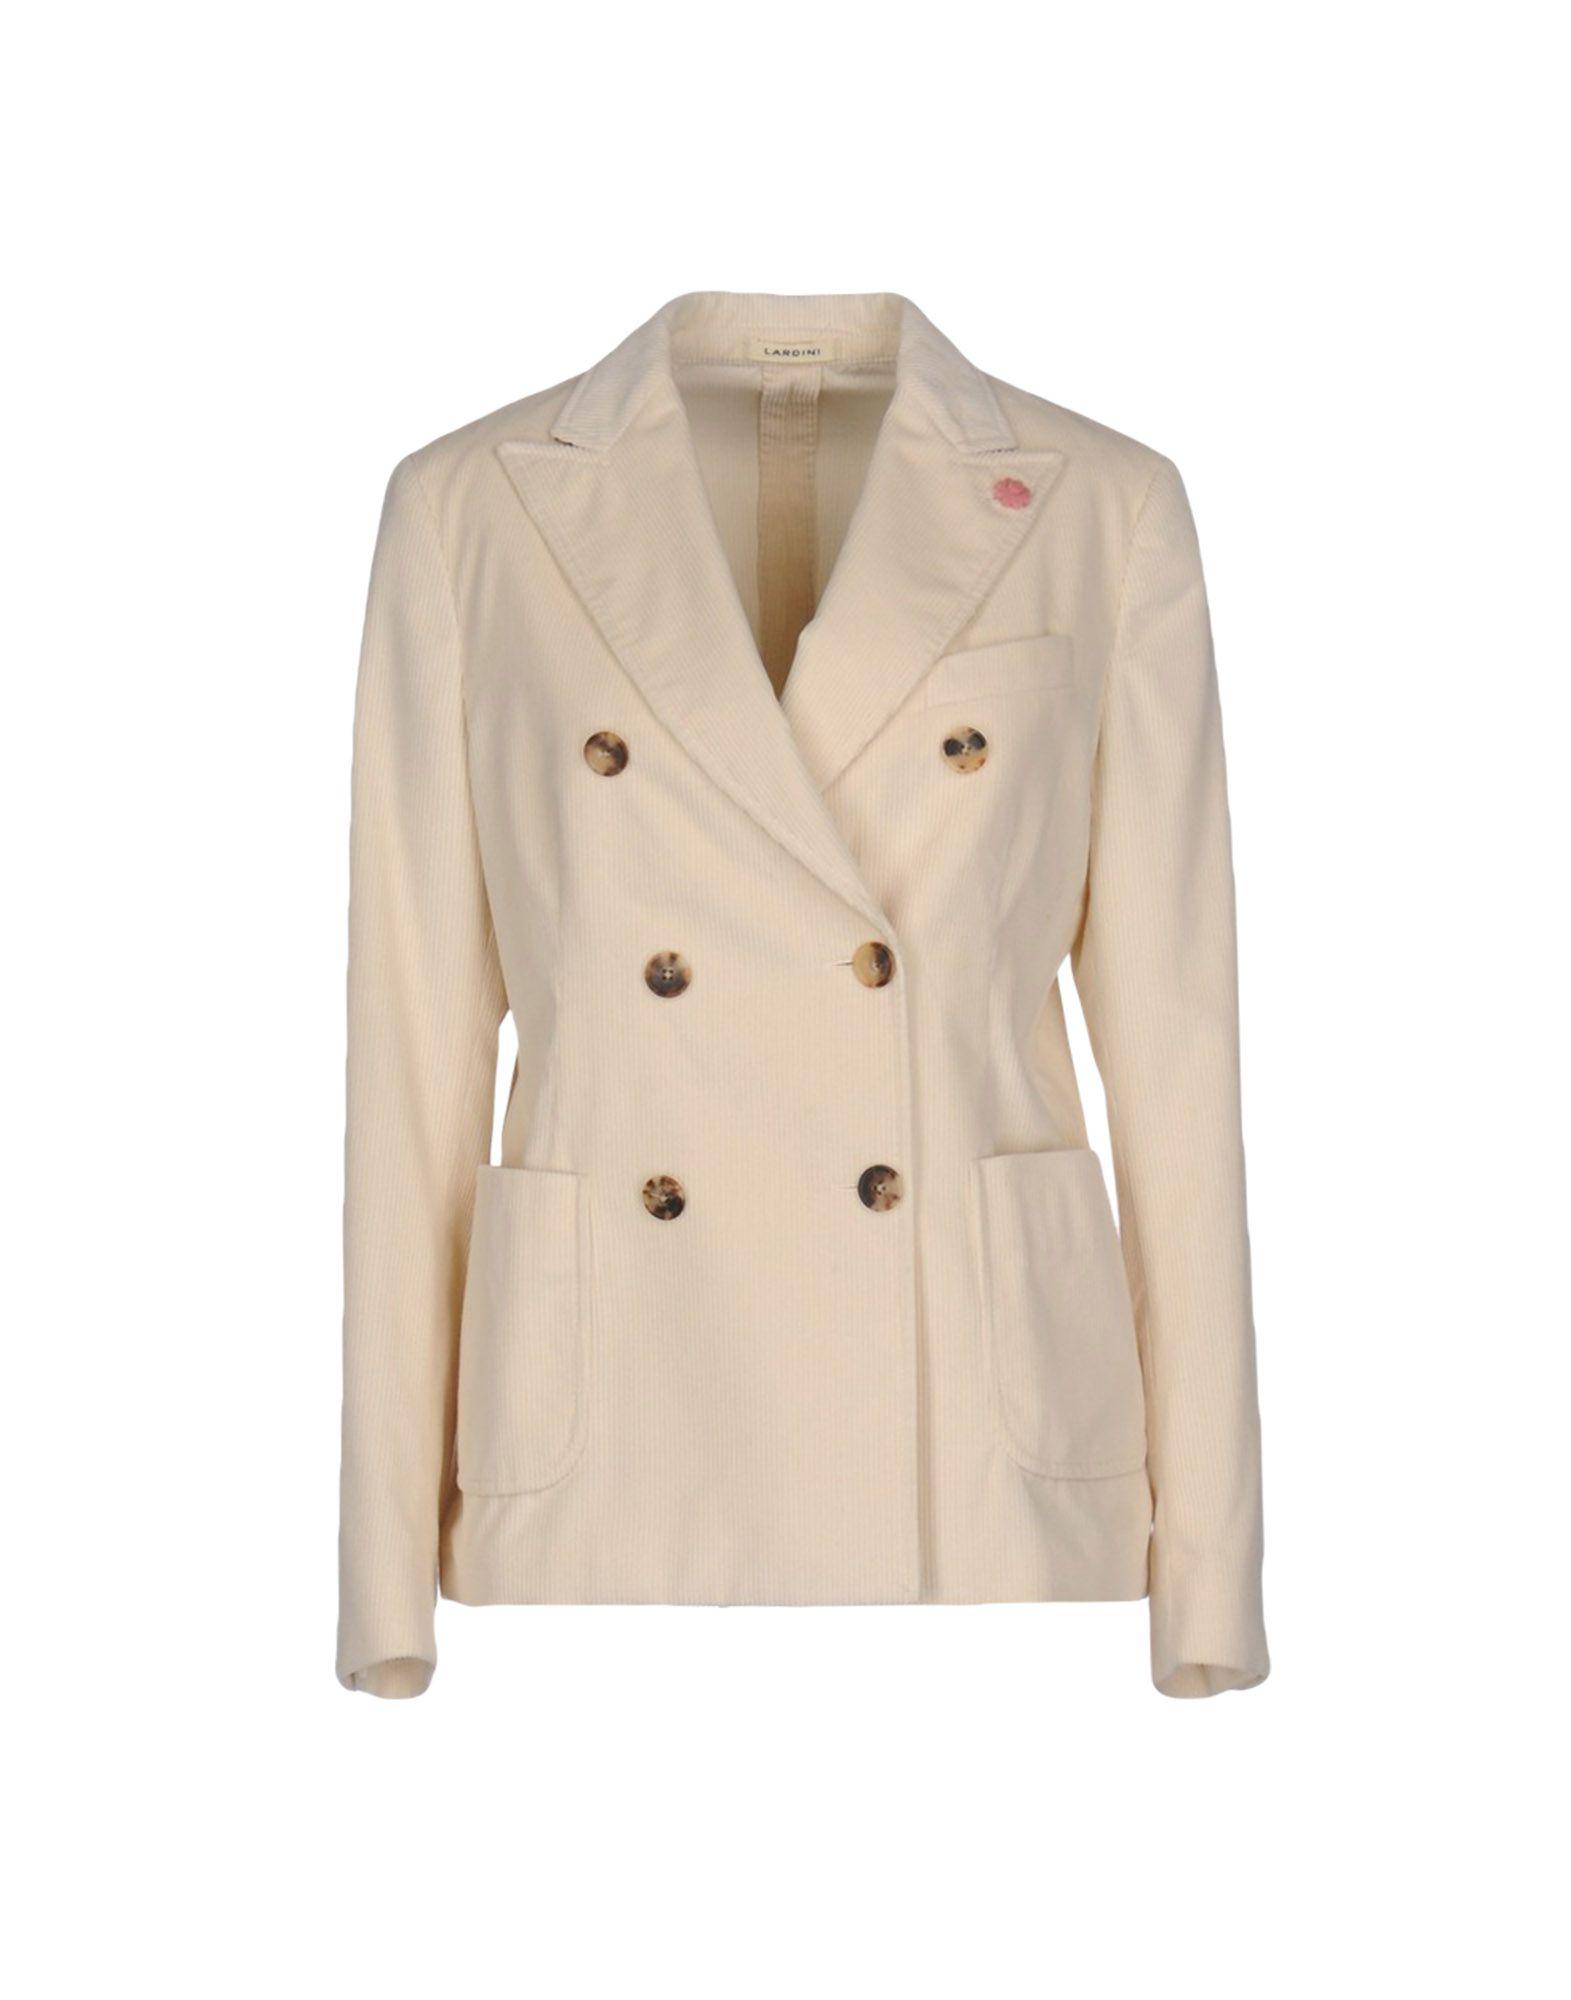 LARDINI Damen Jackett Farbe Elfenbein Größe 5 jetztbilligerkaufen